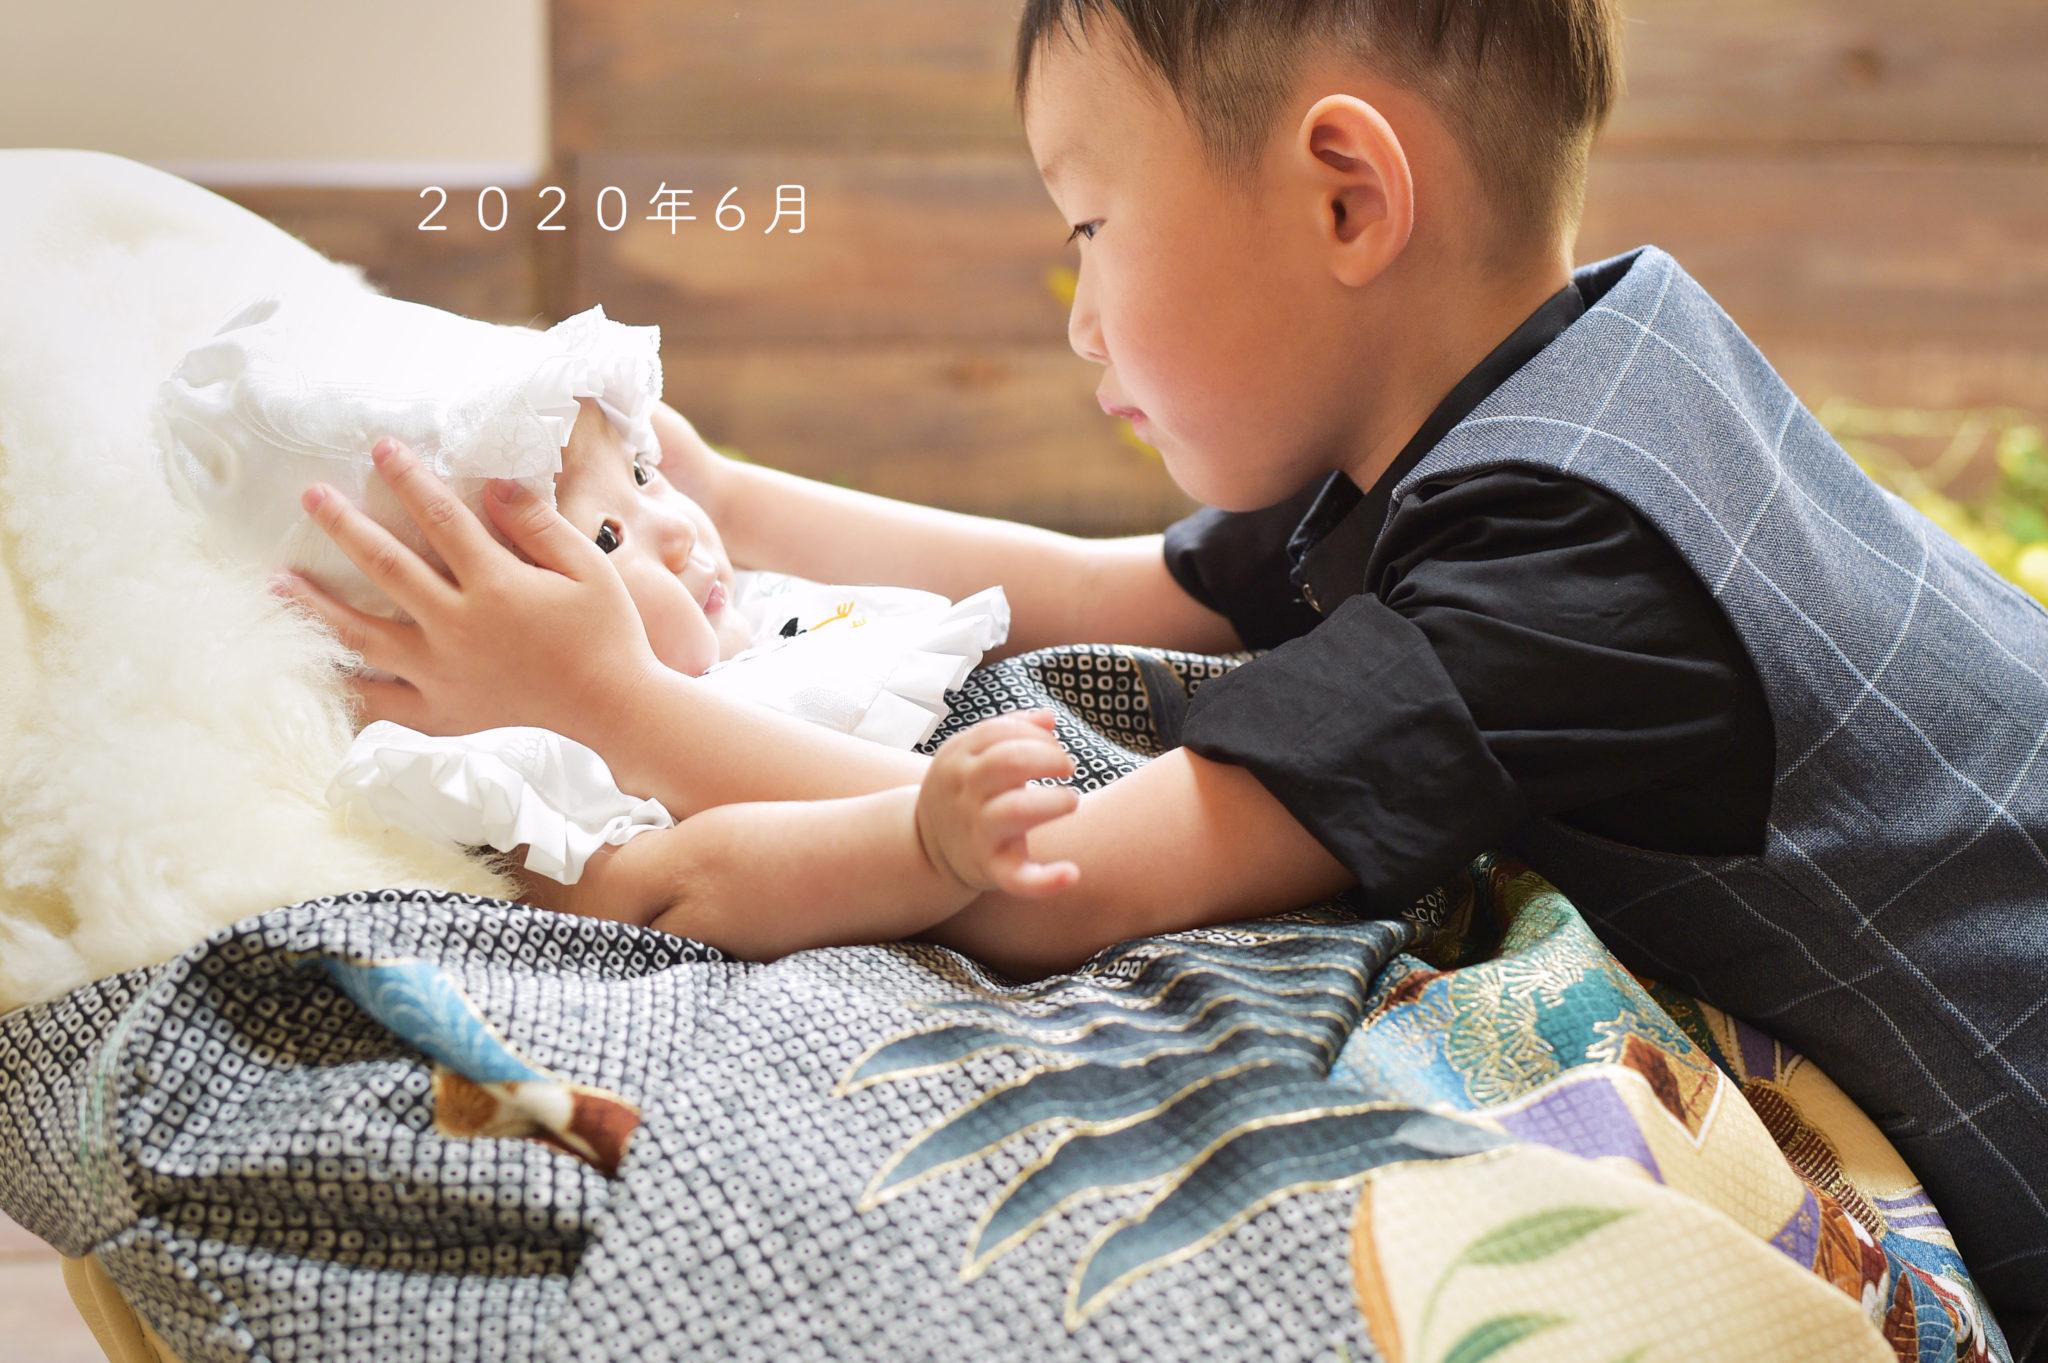 宝塚市 写真館 フォトスタジオ スタジオオレンジモンテシート